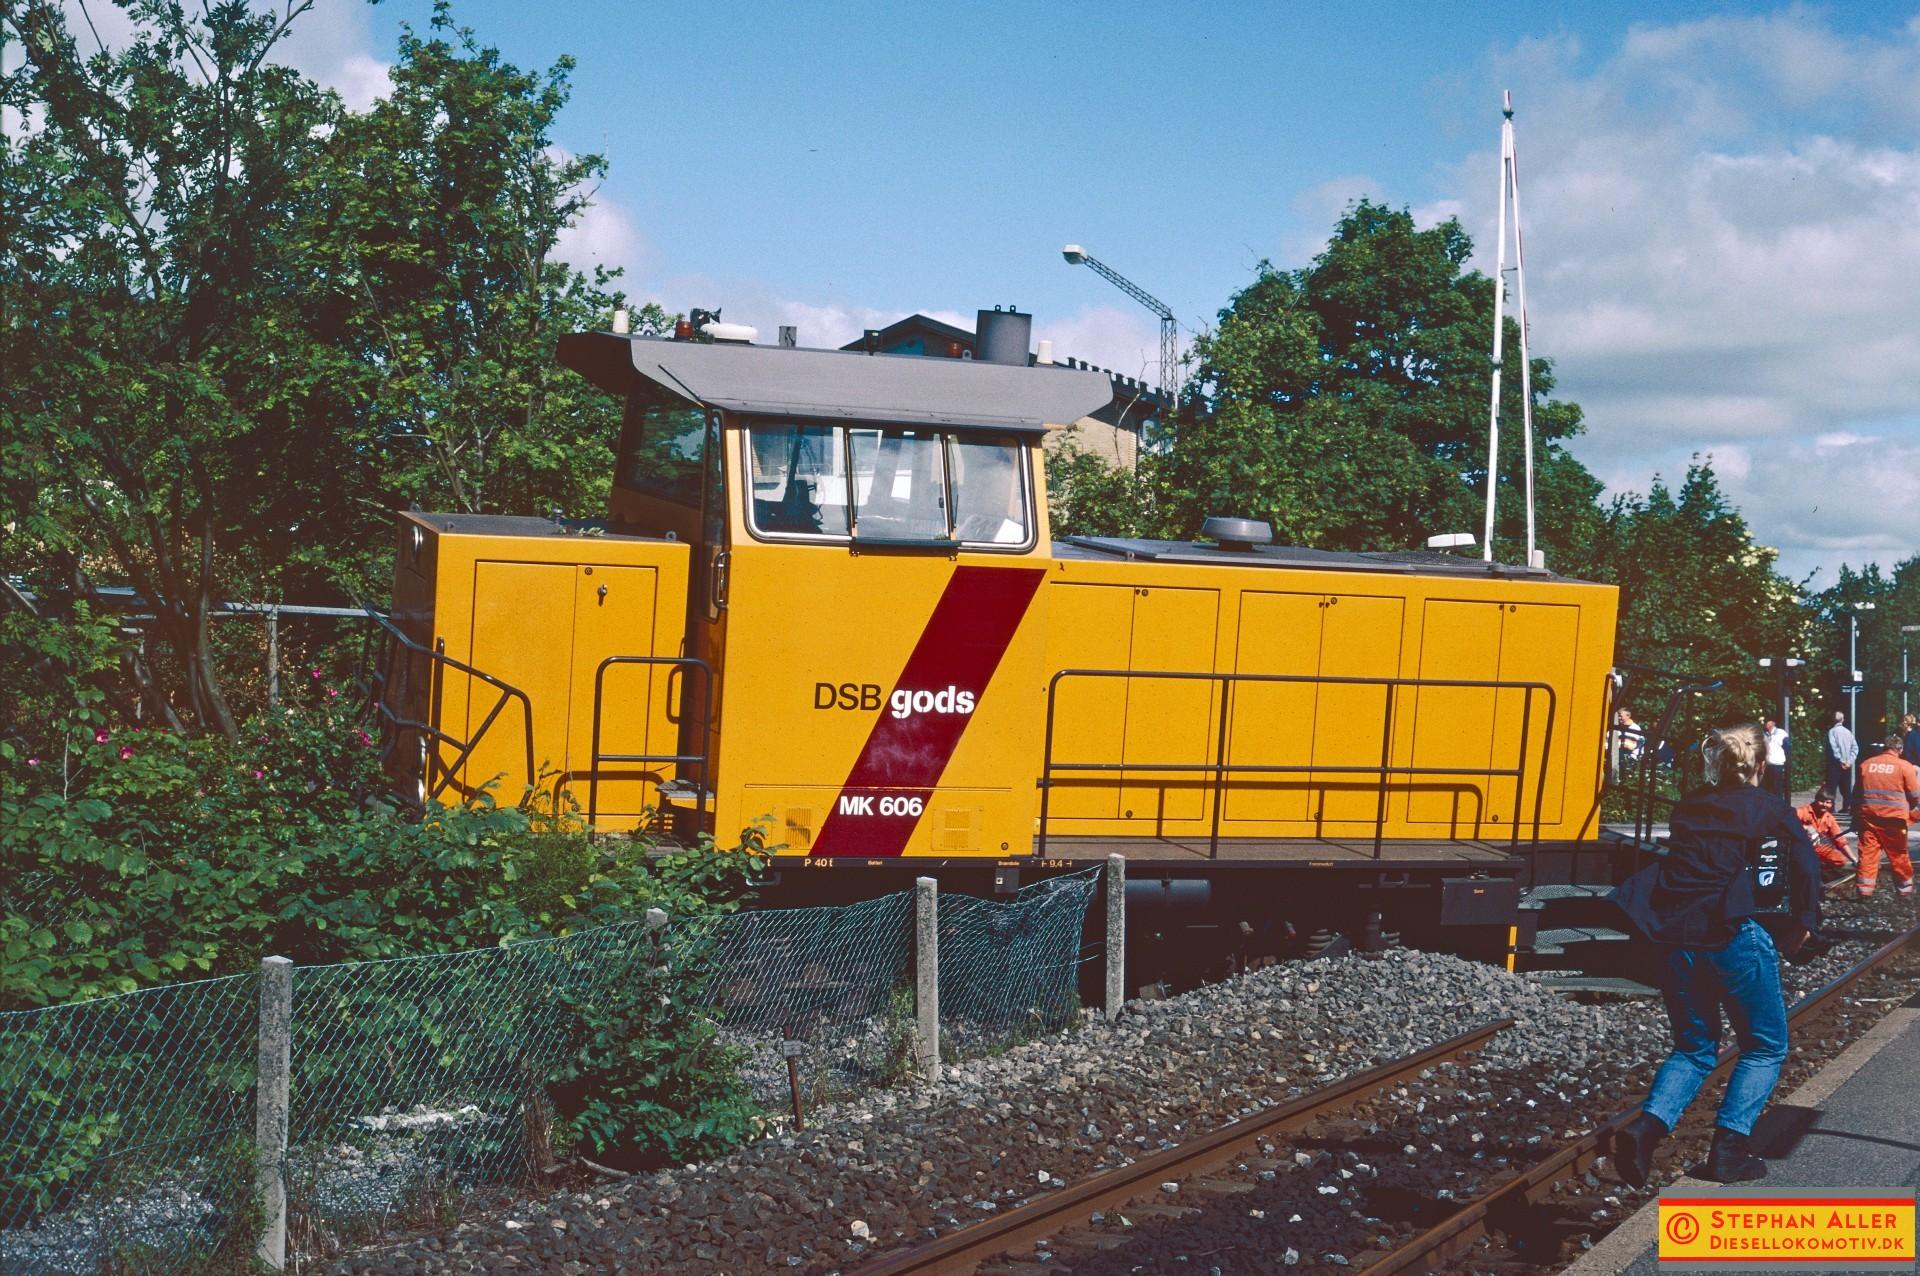 FP2559r